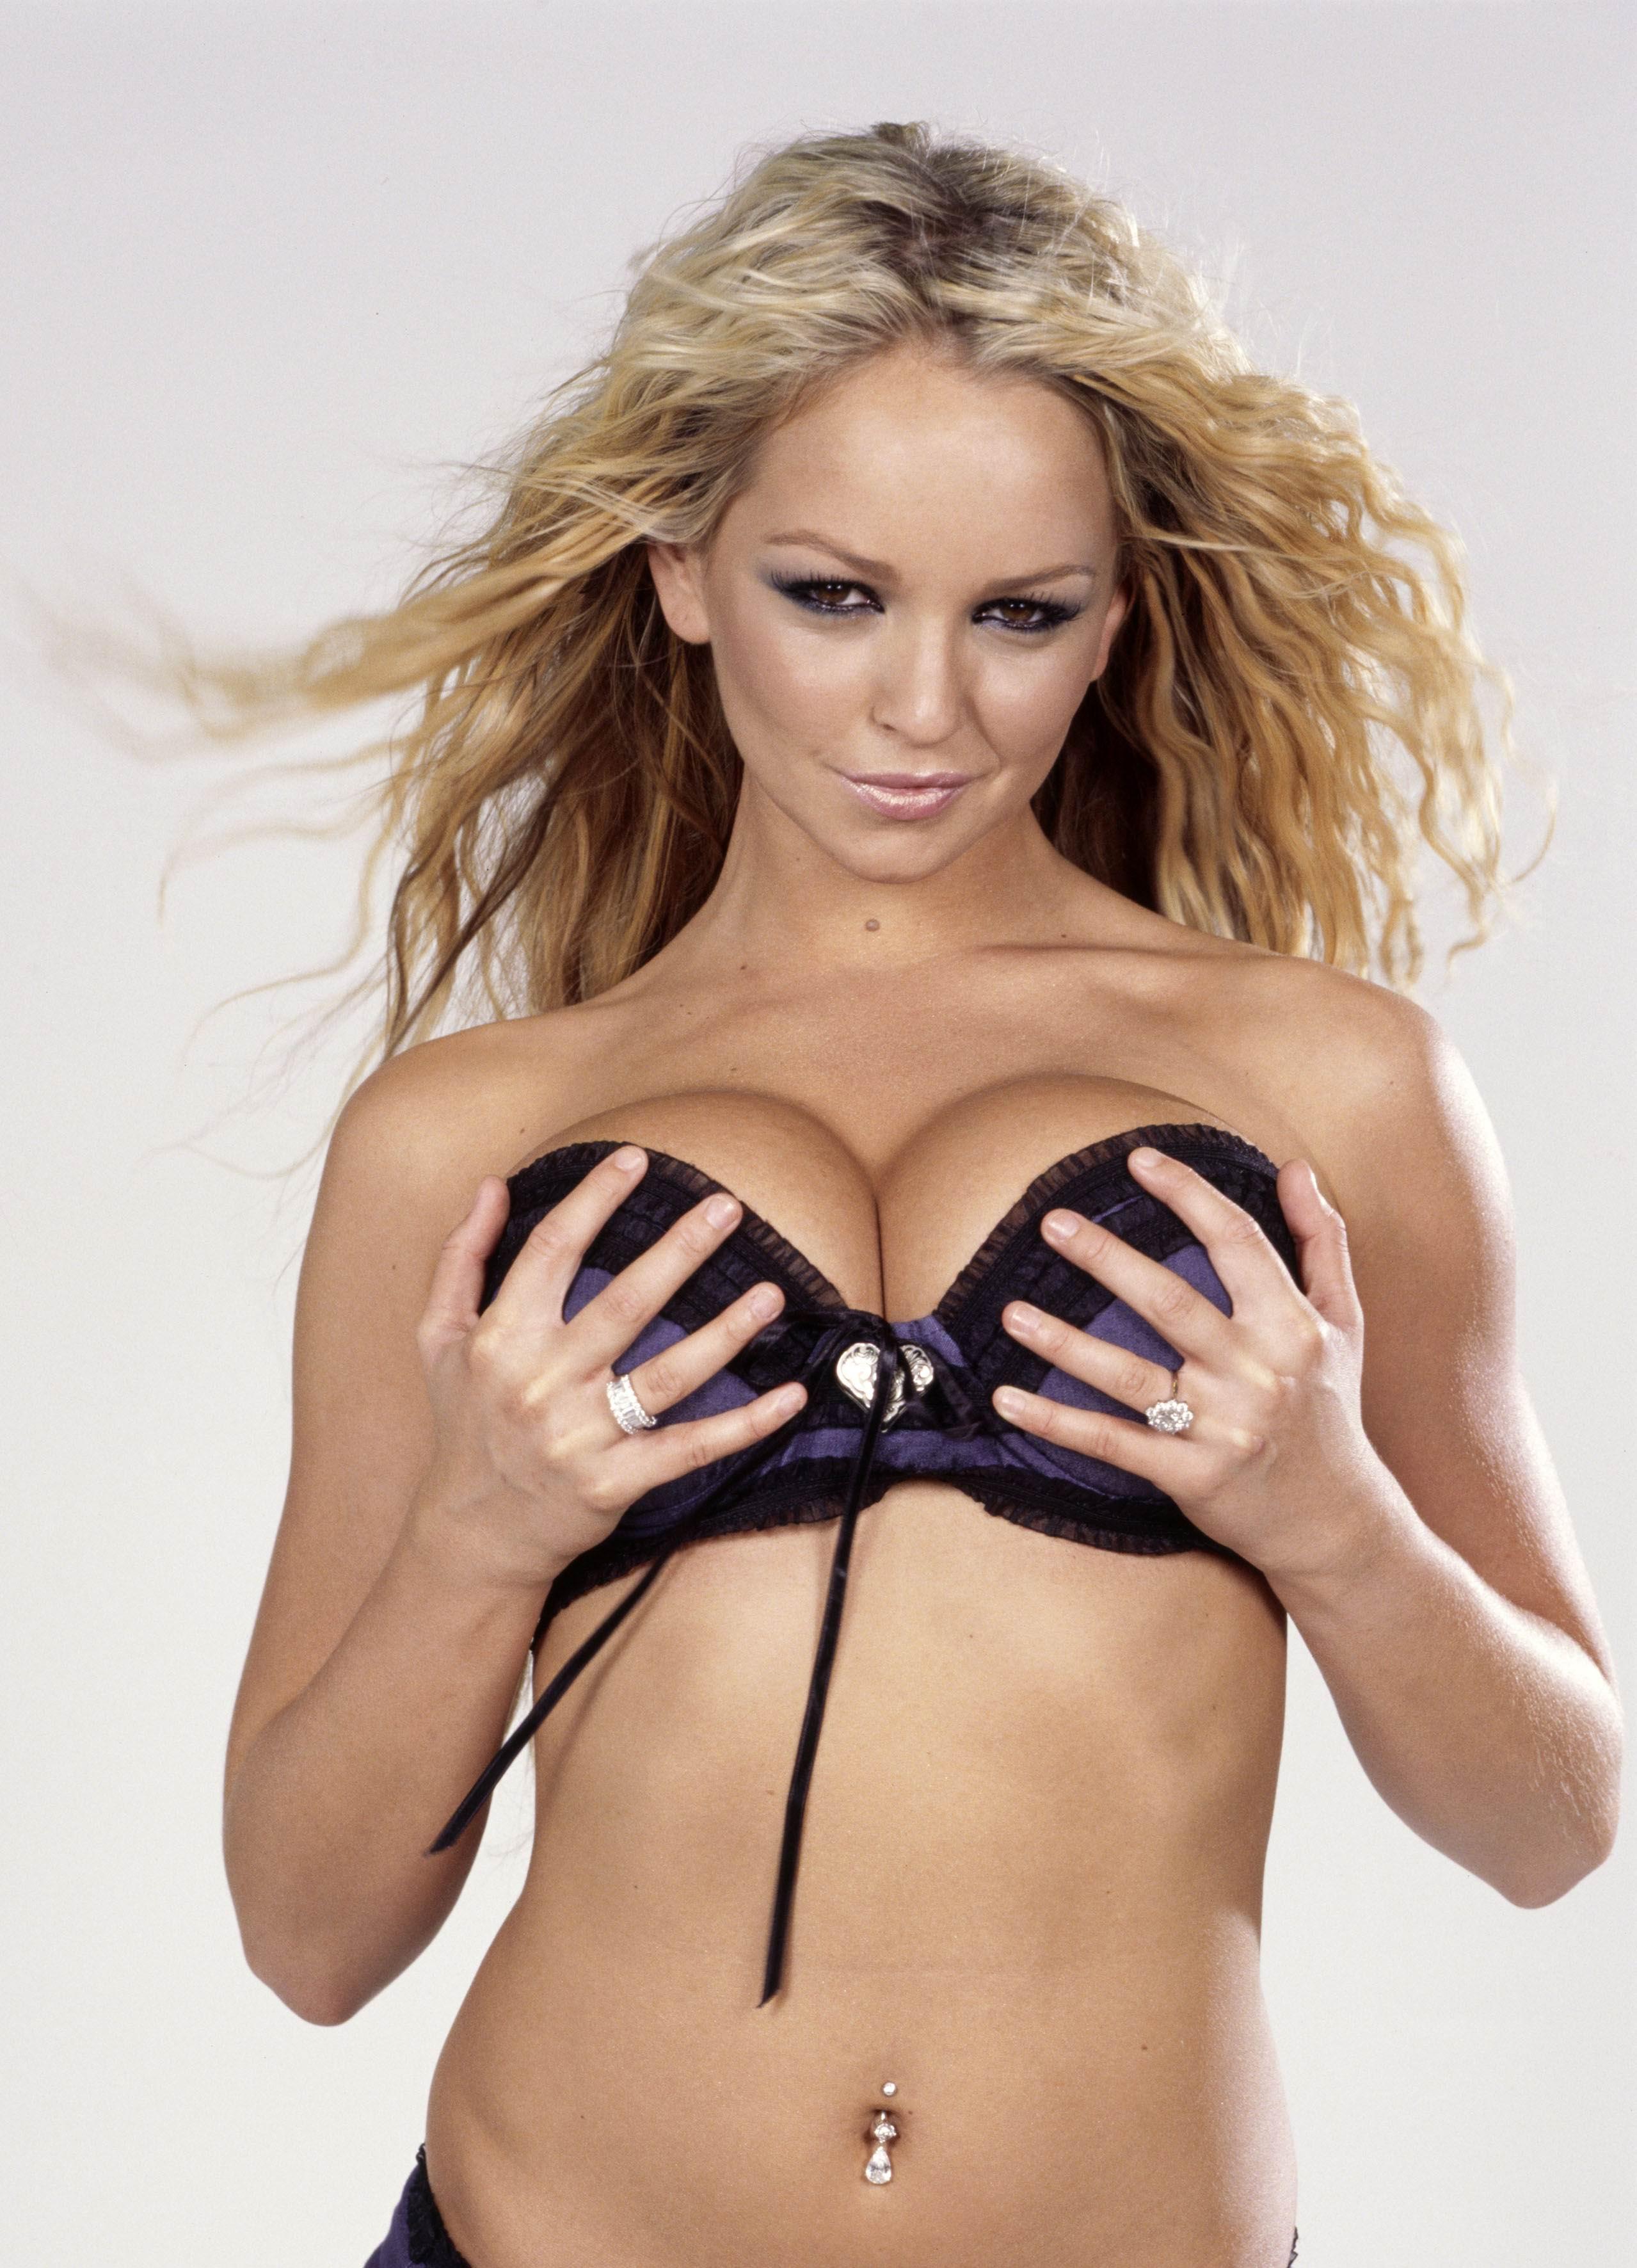 nude women finger ass